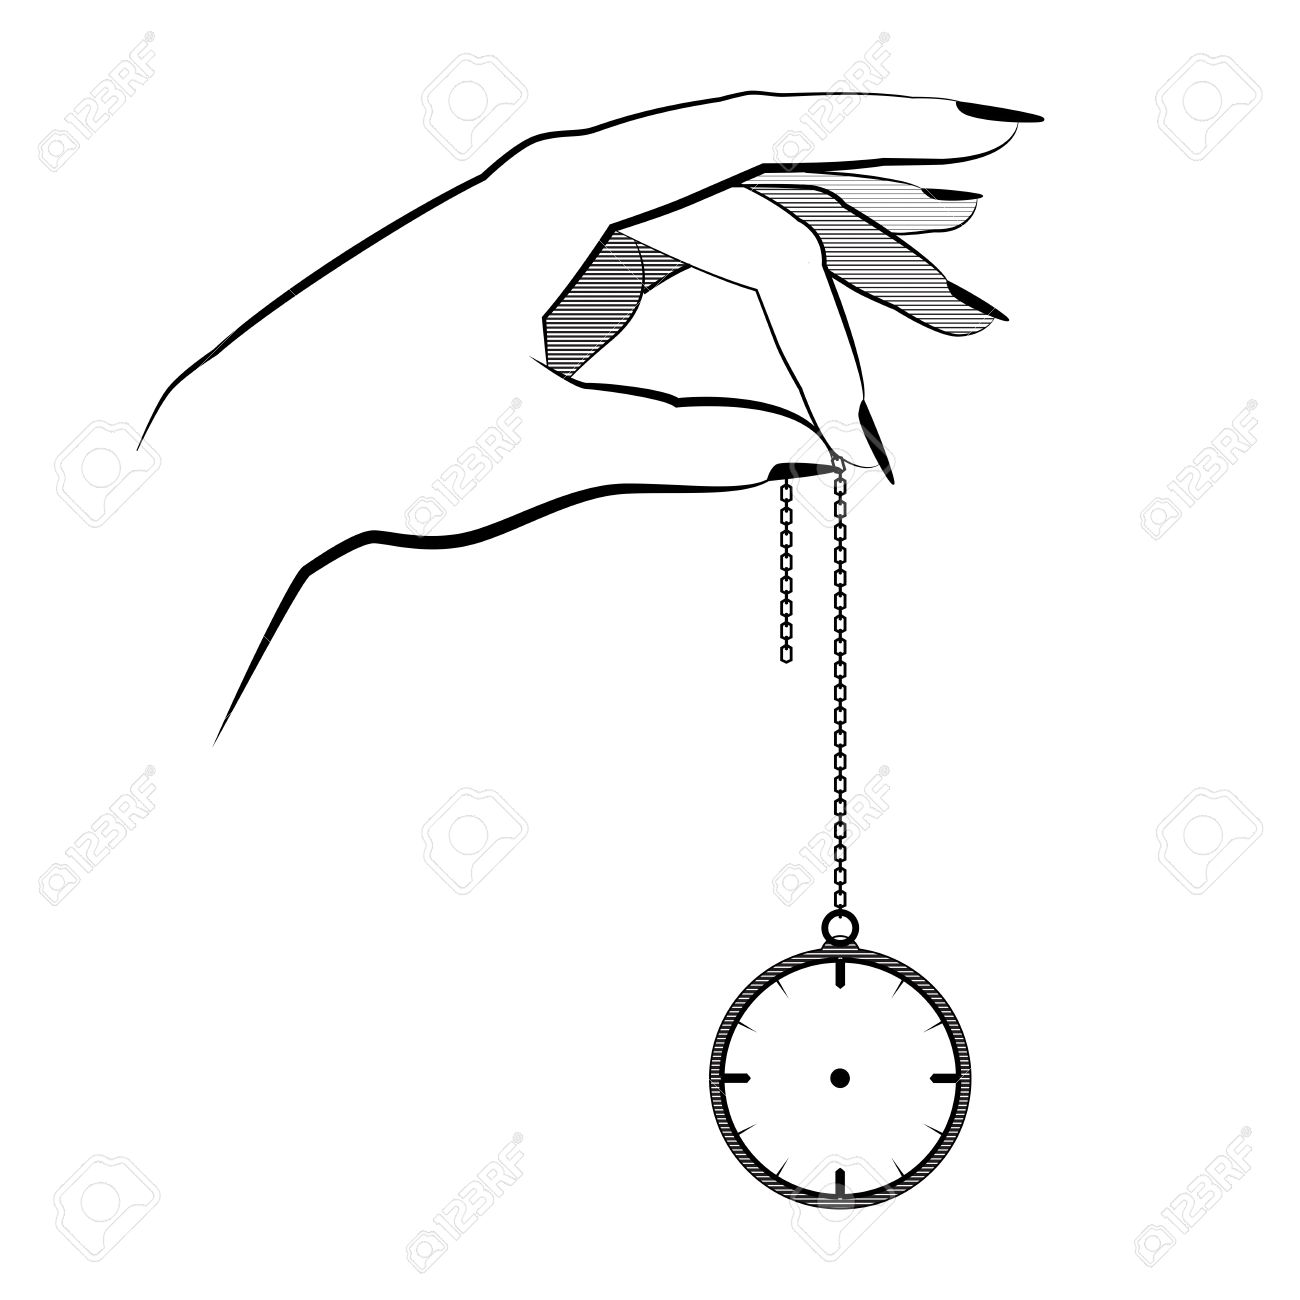 La Bolsillo De Concepto Ilustración Mano VectorialAislado Hipnosis Asimiento En Un MentalDiseño Reloj CadenaControl El Plano tshQrCdBx